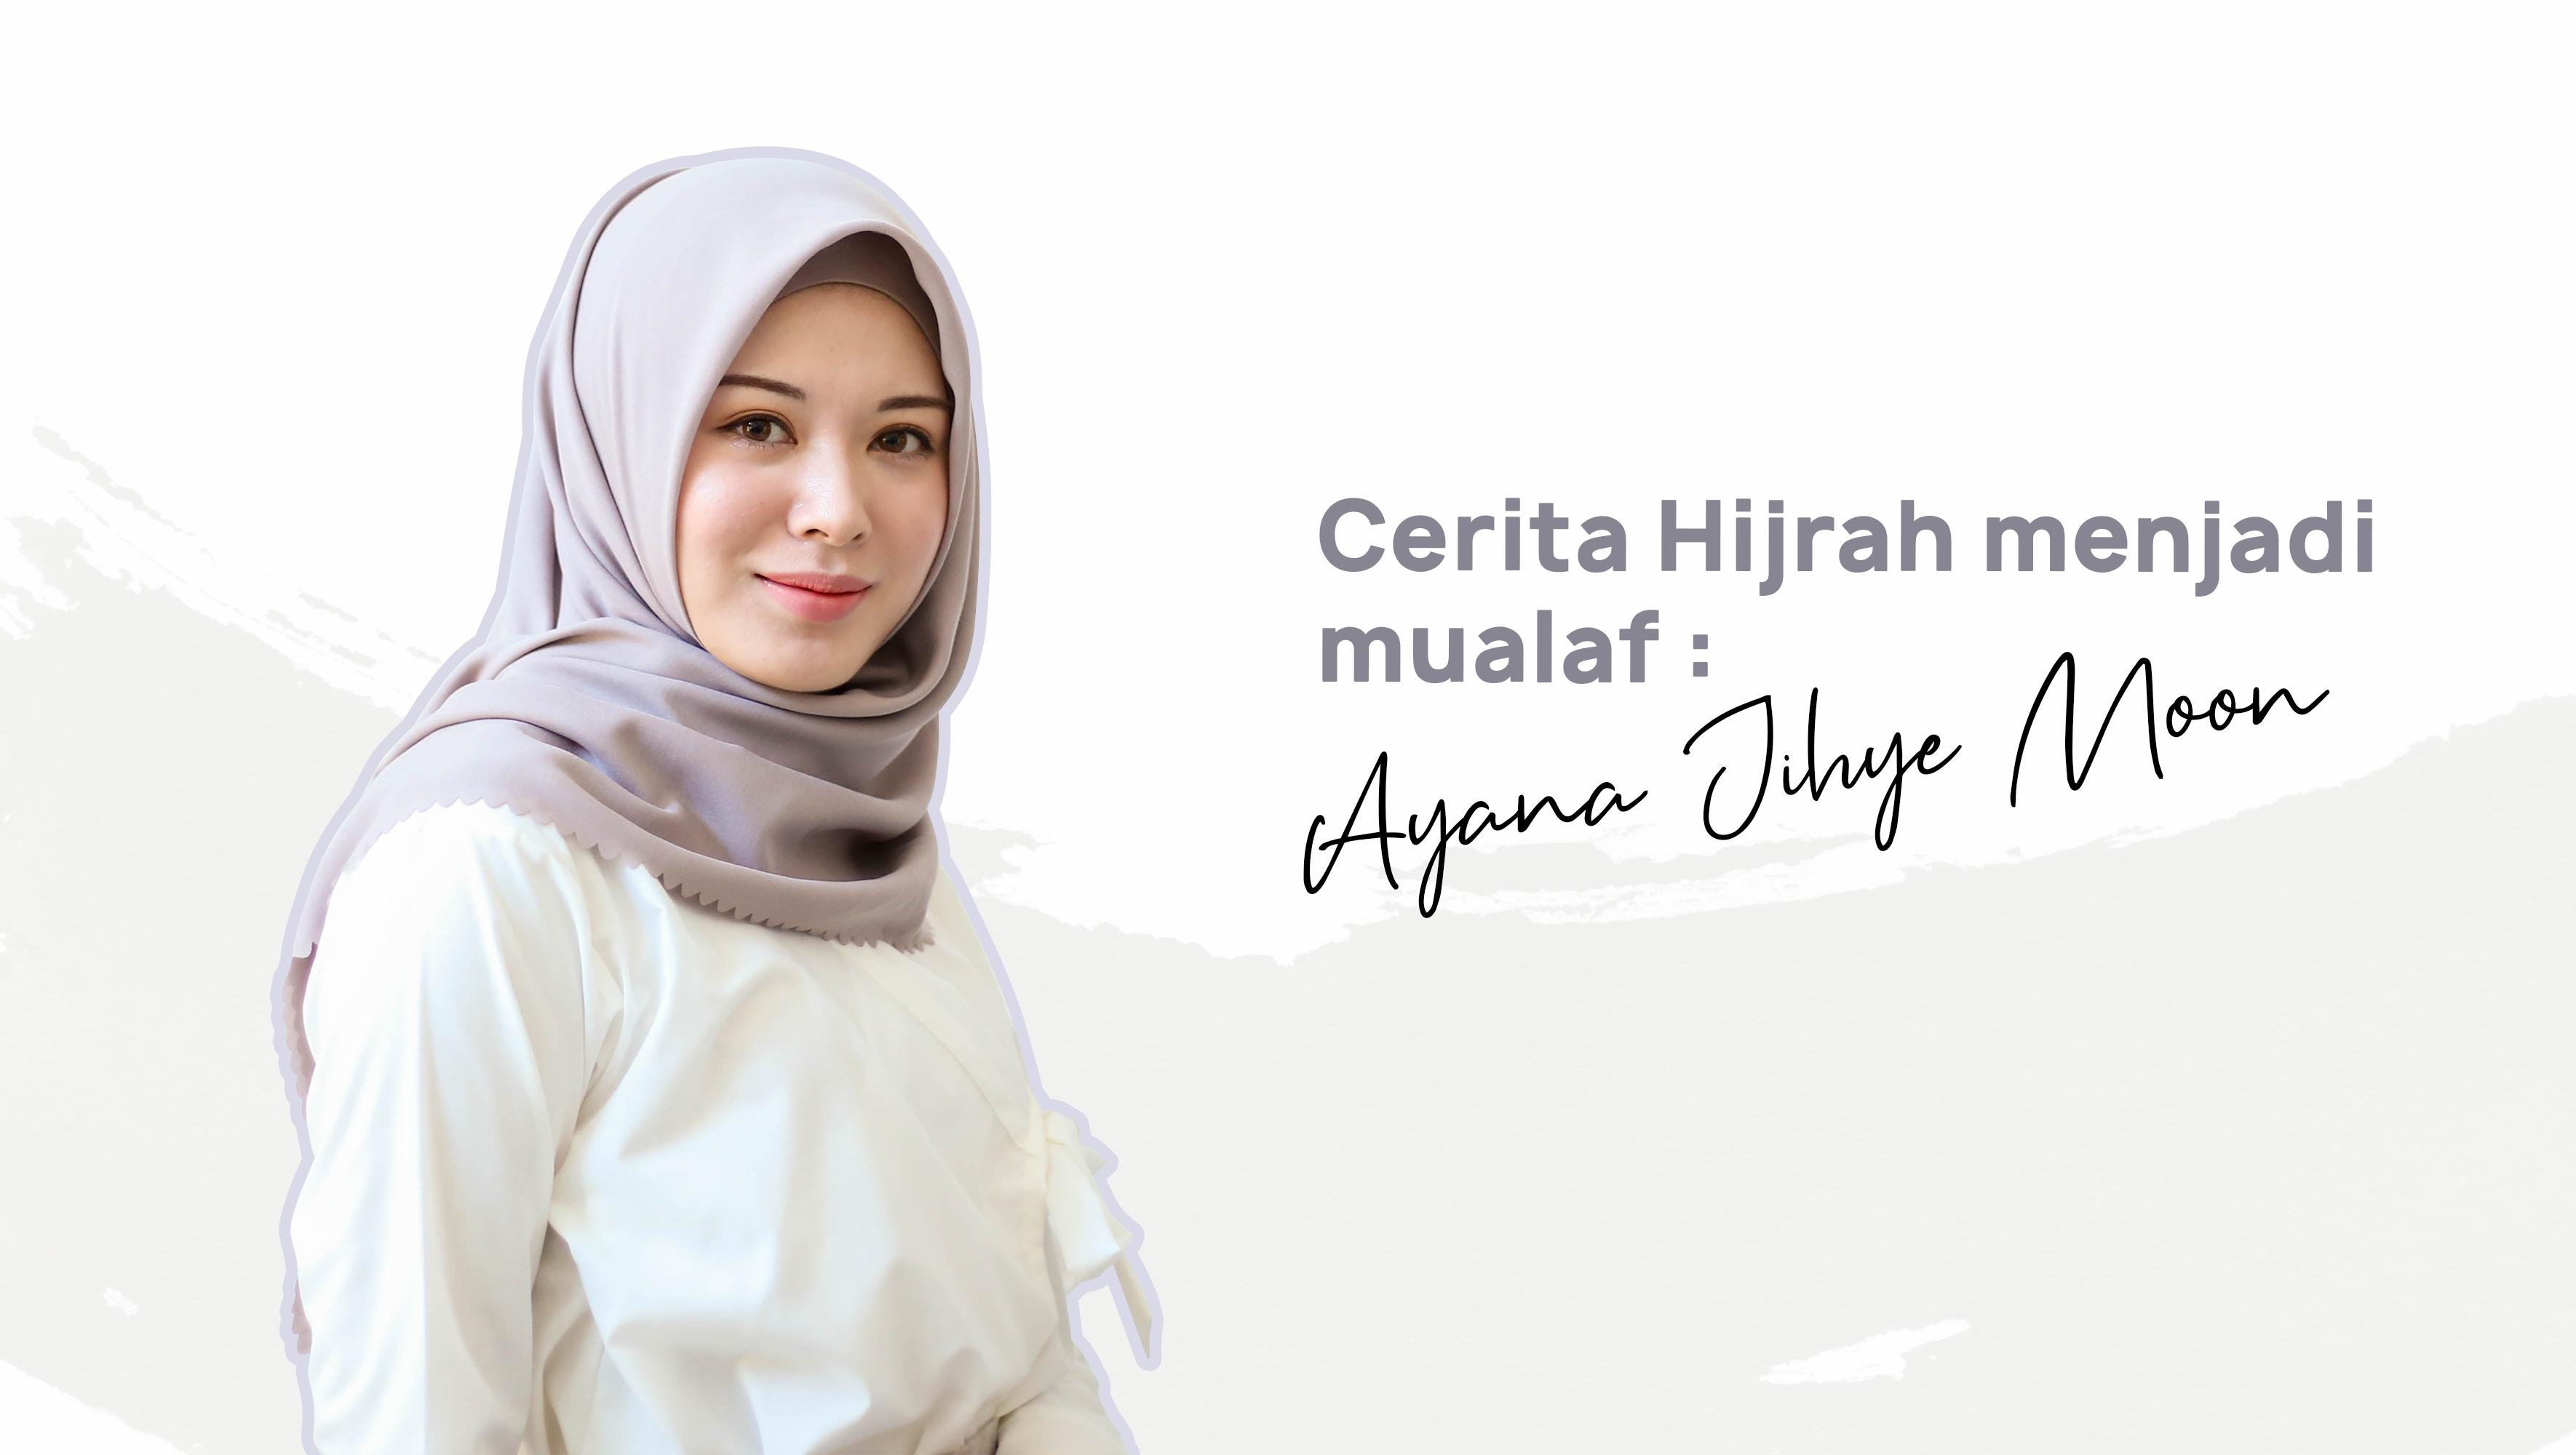 Cerita Hijrah menjadi Mualaf : Ayana Jihye Moon image